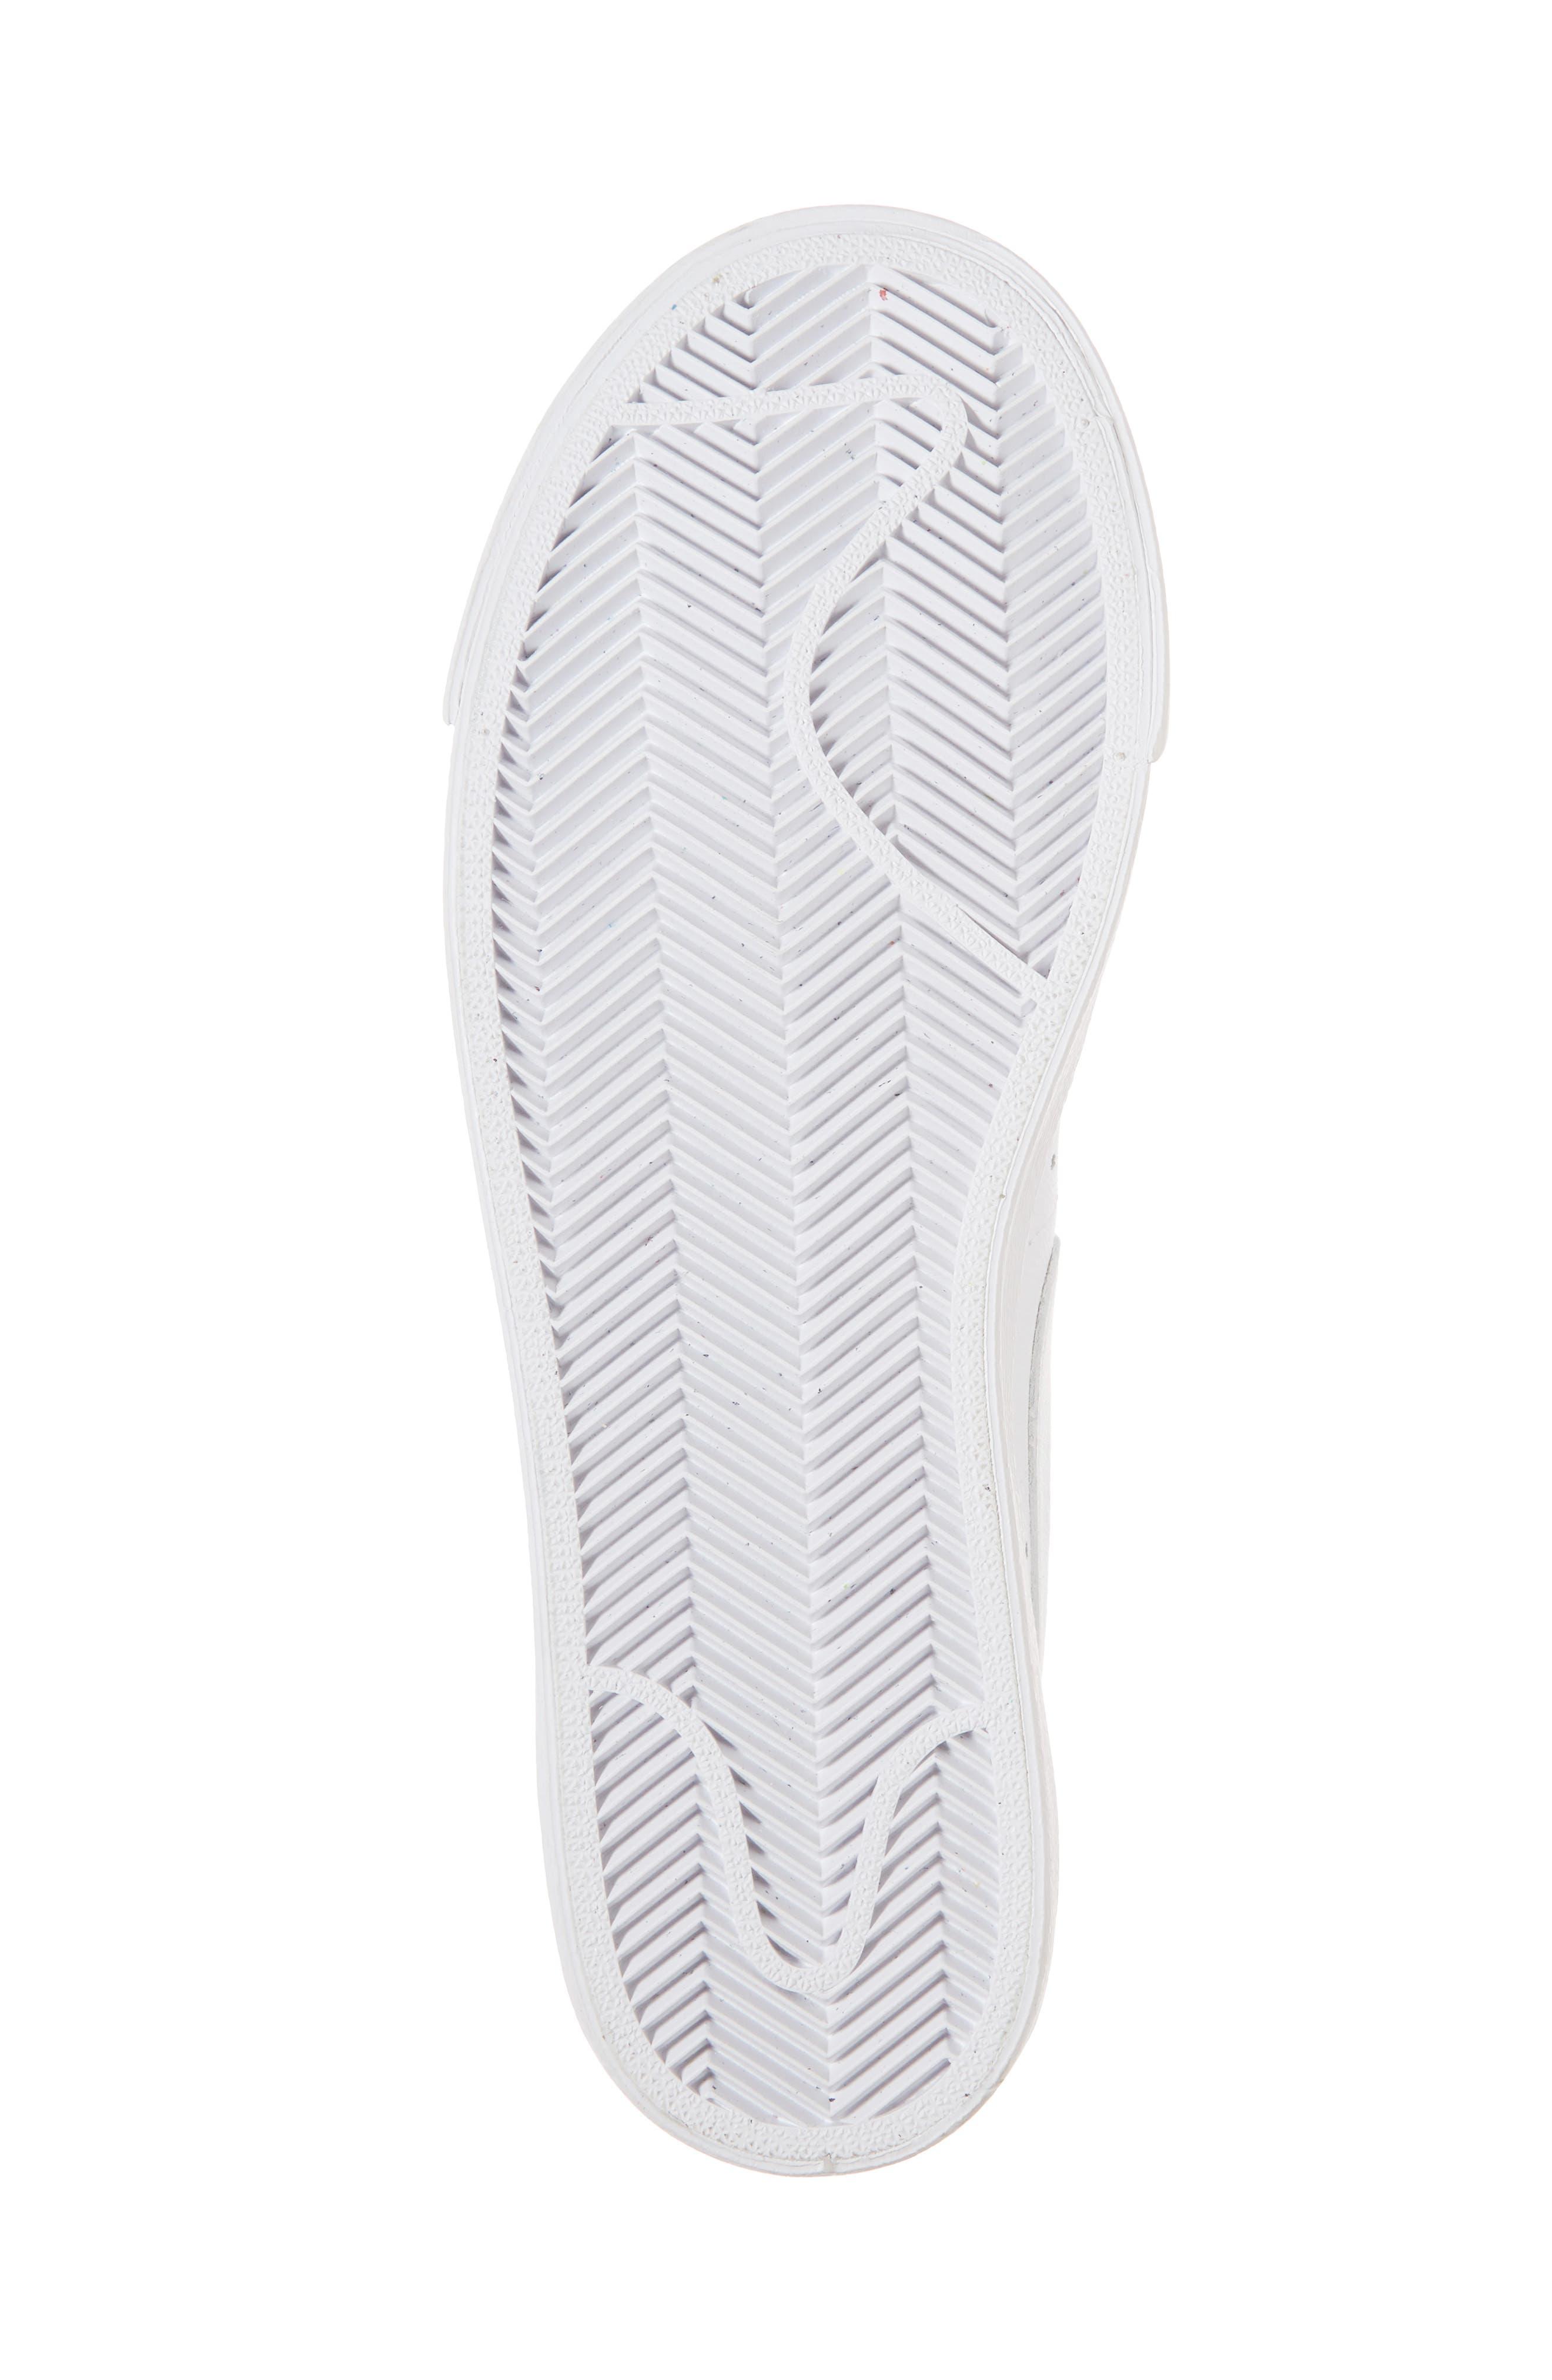 Blazer Low LE Sneaker,                             Alternate thumbnail 6, color,                             WHITE/ WHITE-WHITE